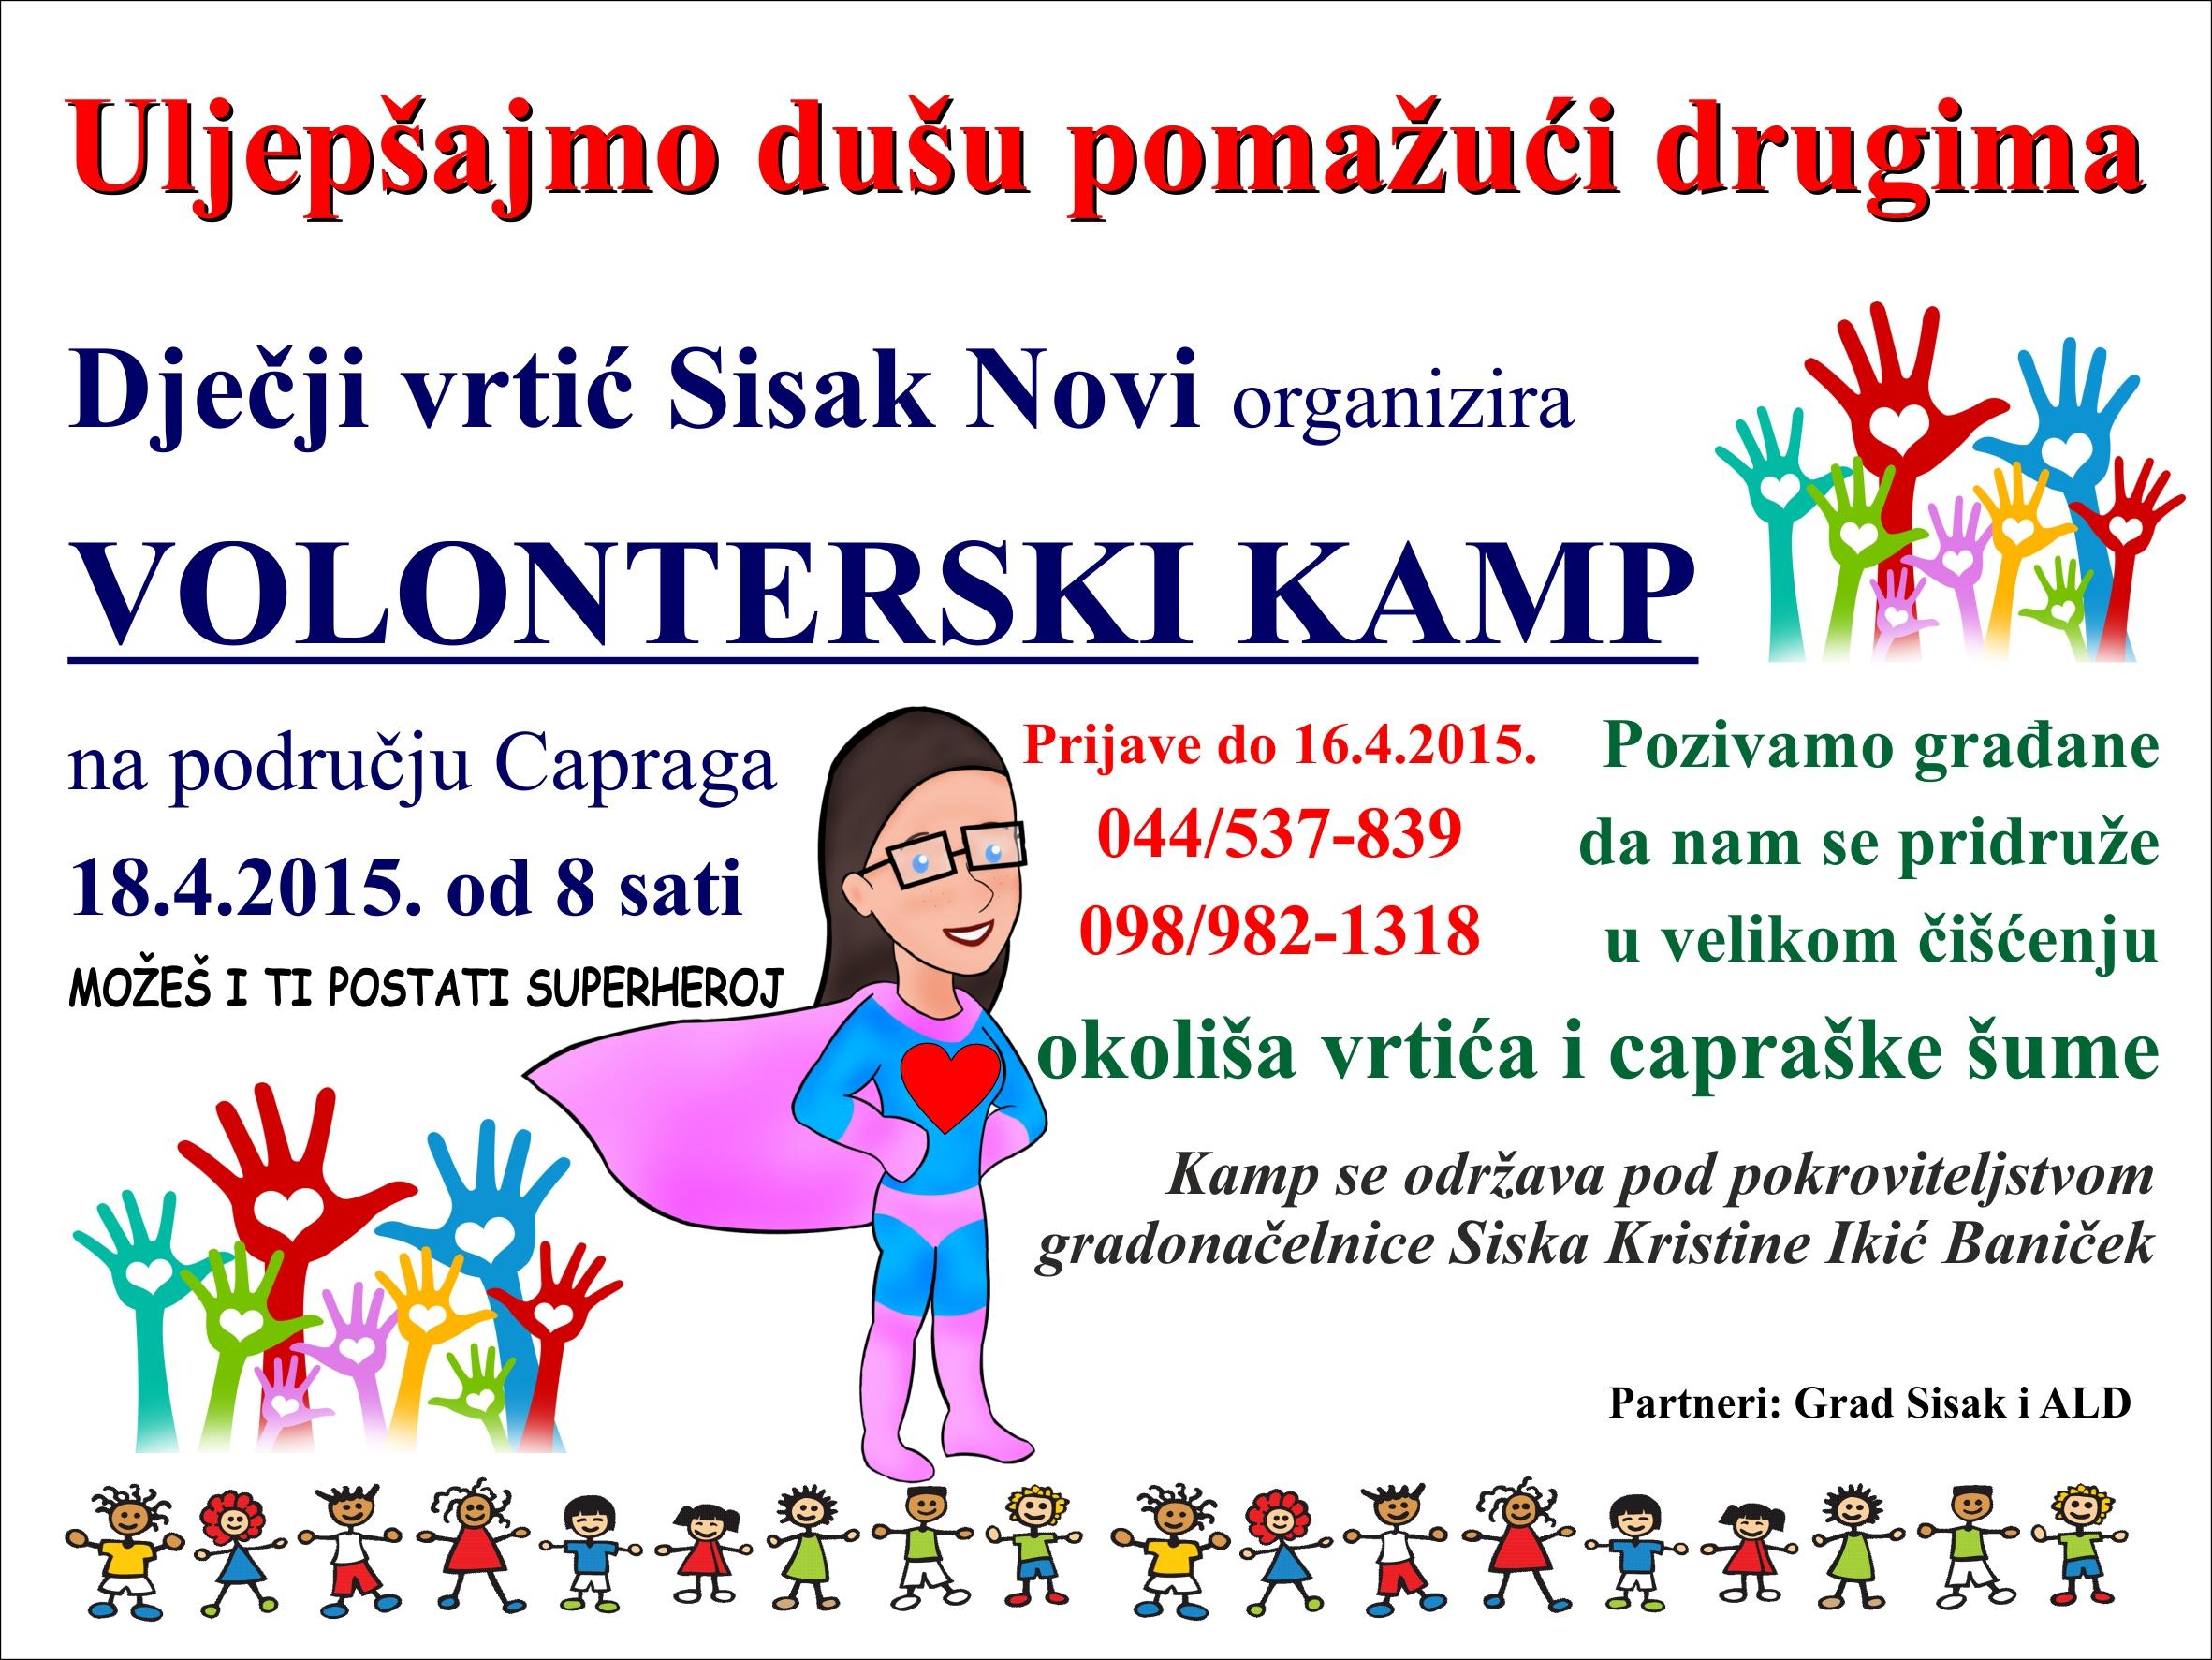 Volonterski kamp u Dječjem vrtiću Sisak novi